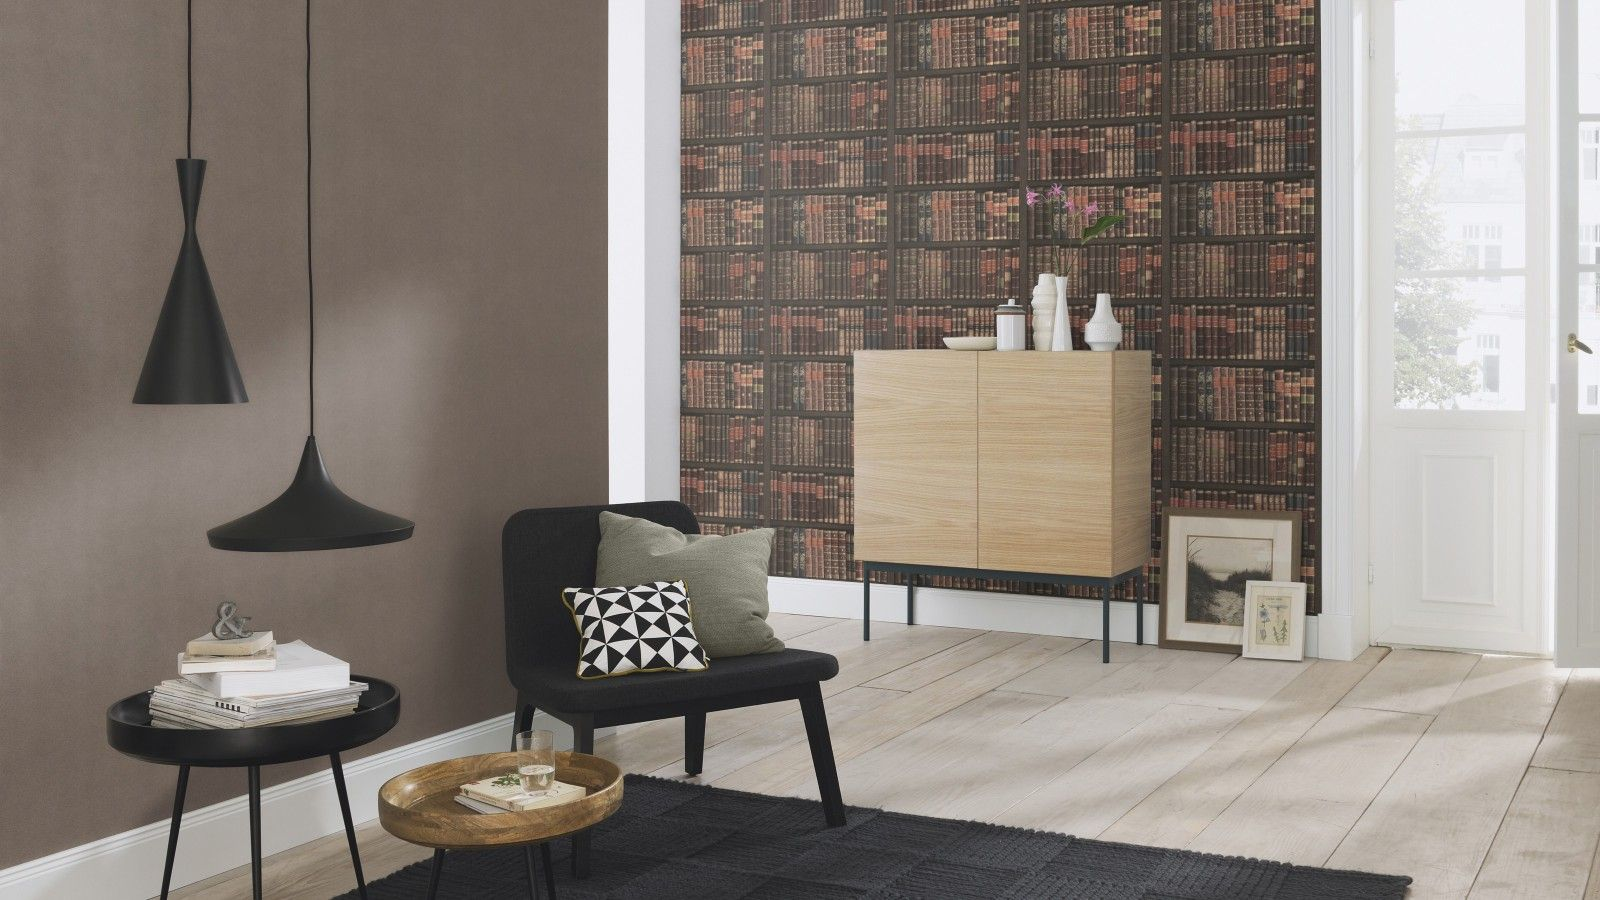 Die Tapete Im Coolen Vintage Look Lasst Dich Denken Dass Die Ganze Wand Mit Buchern Gefullt Ist Altmodische Hauser Haus Deko Tapeten